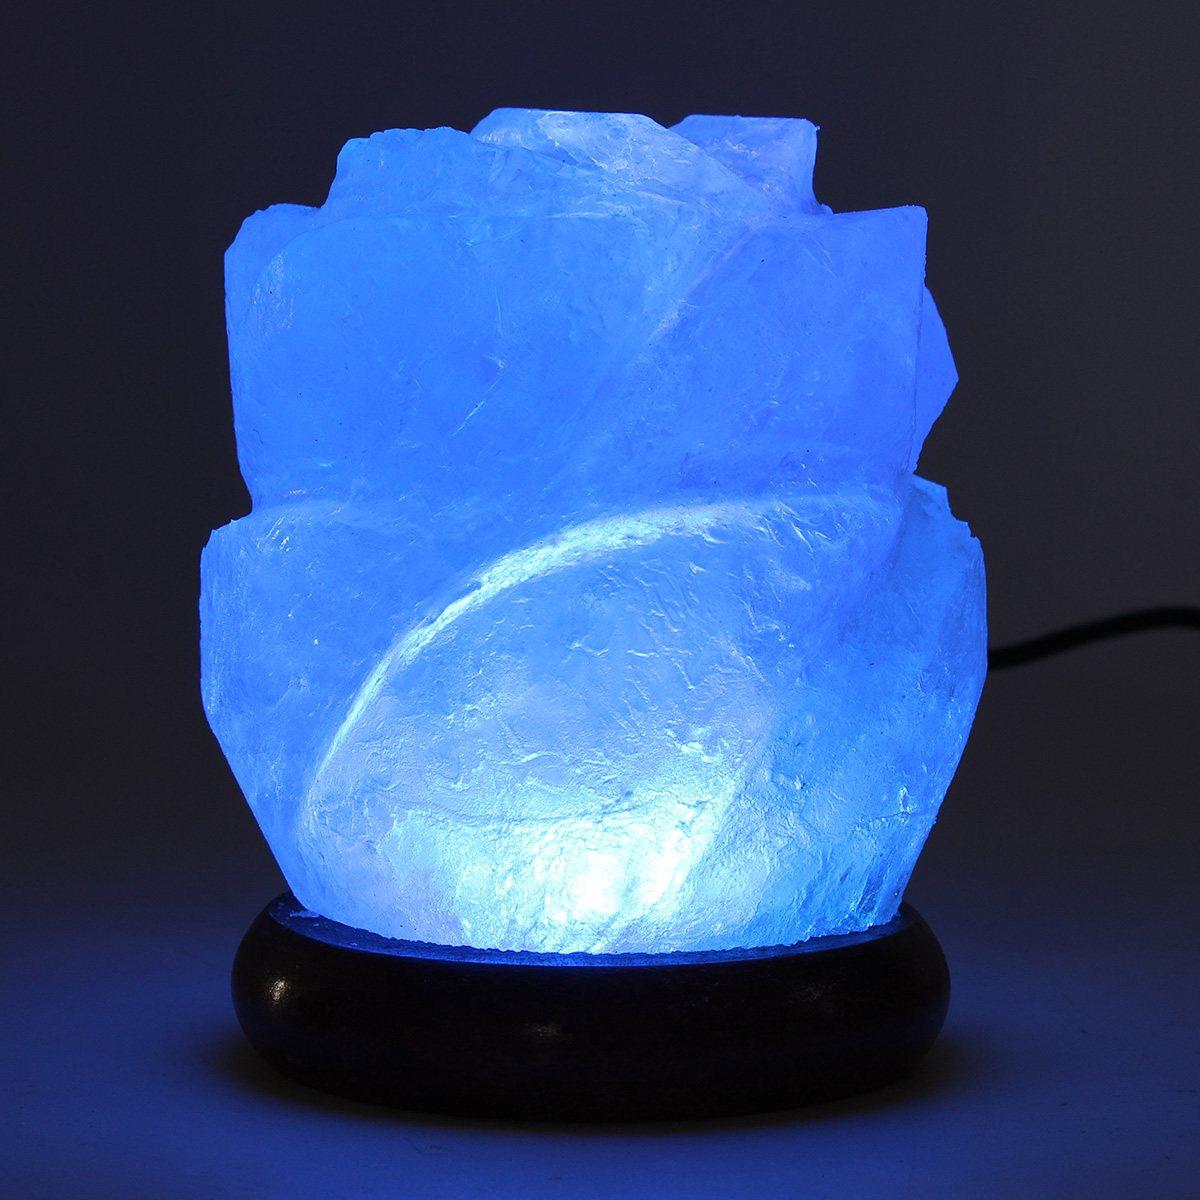 Purificateur d'air Lampe De Sel Cristal Nuit Lumière En Bois Base USB Alimenté Table Lampe De Bureau De Chevet Décoration de La Maison Éclairage Cadeau